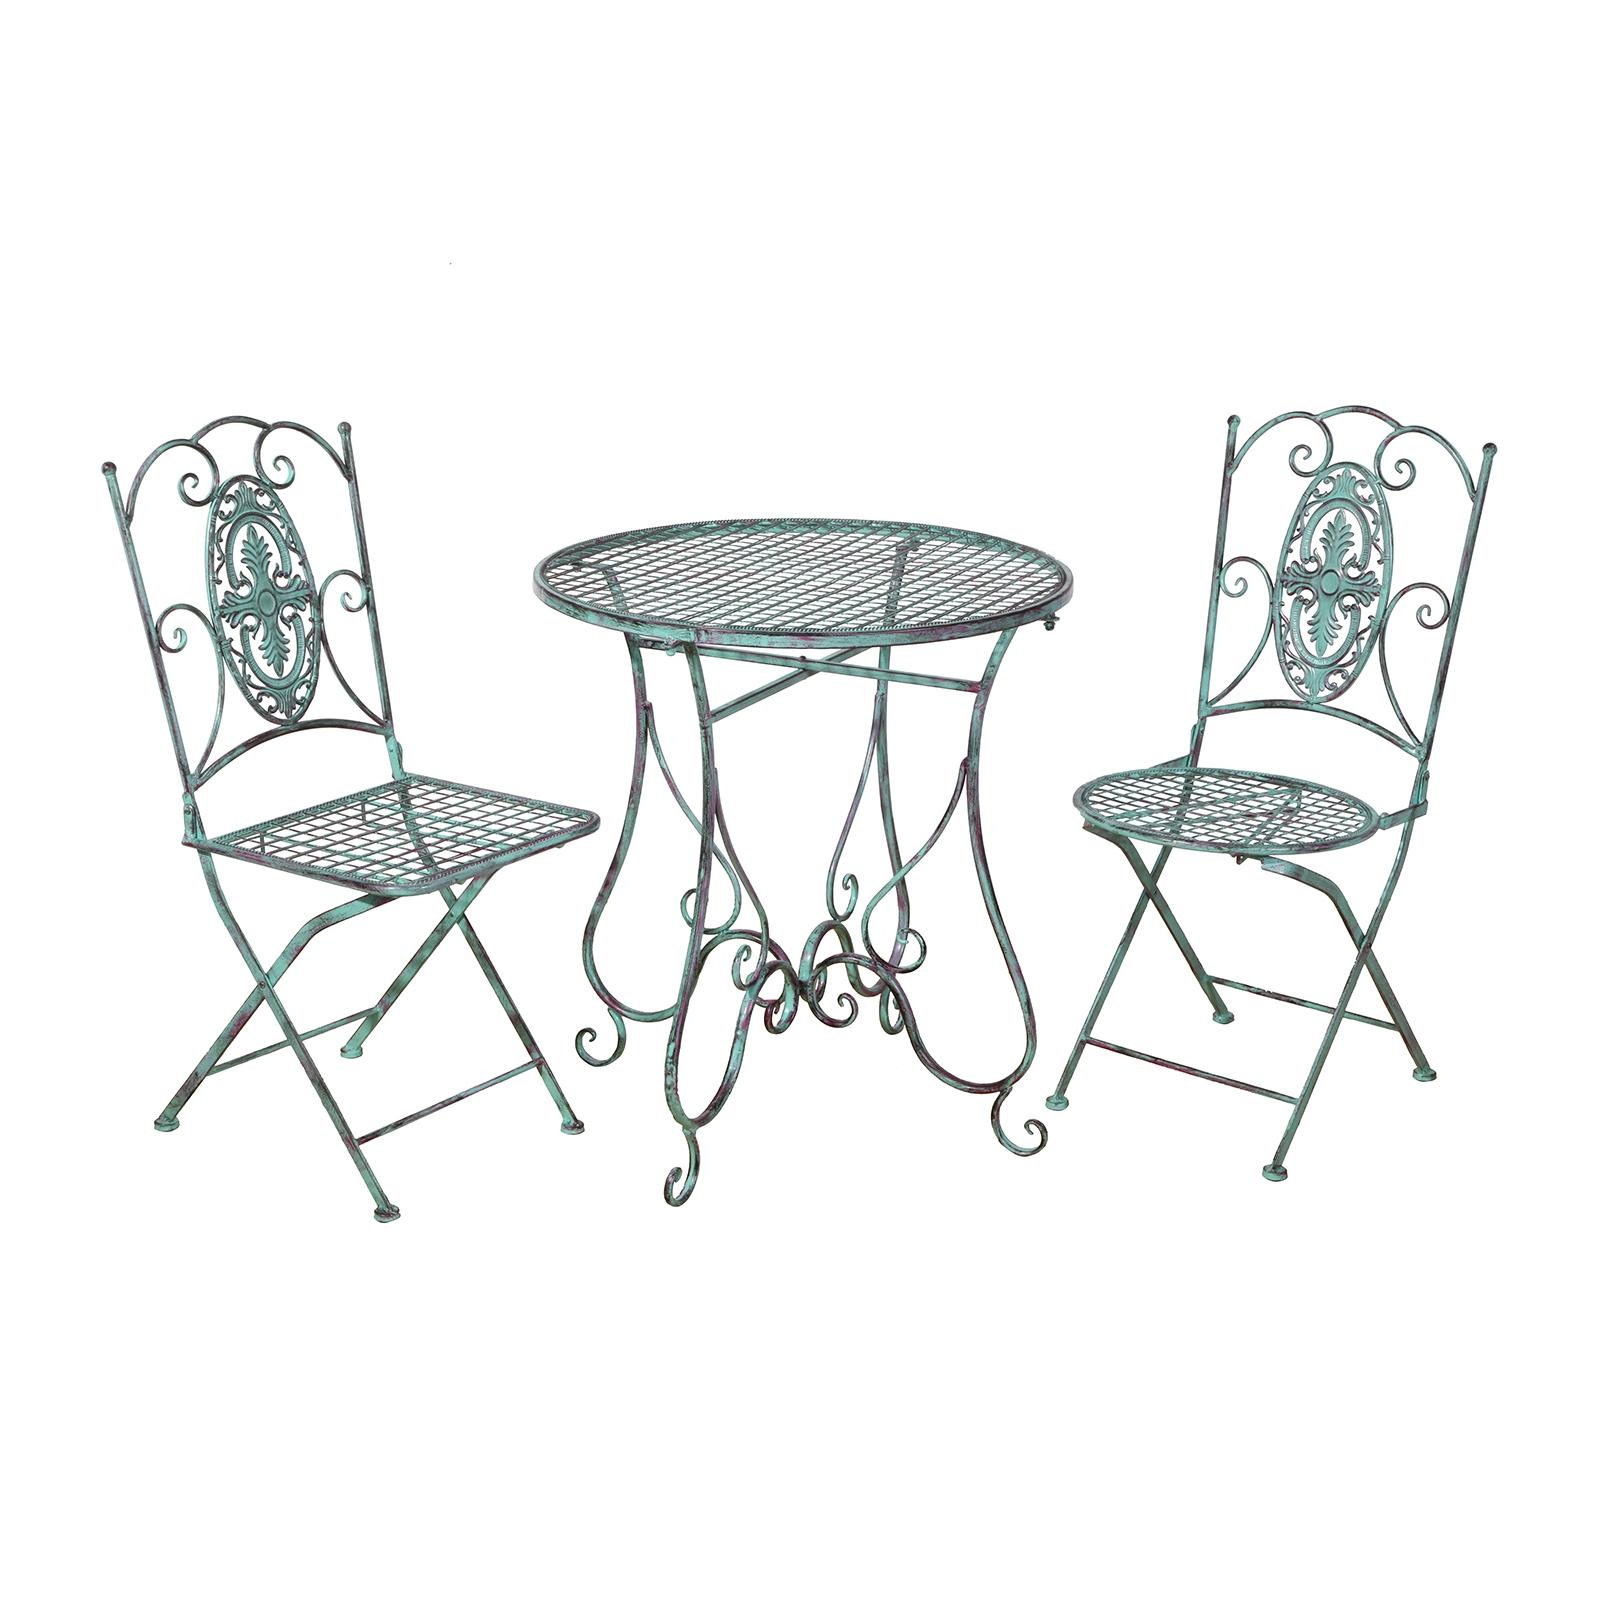 Balkonmöbel set metall  Gartenmöbel 1Tisch und 2Stühle aus Metall in Kupferpatina Gartenset